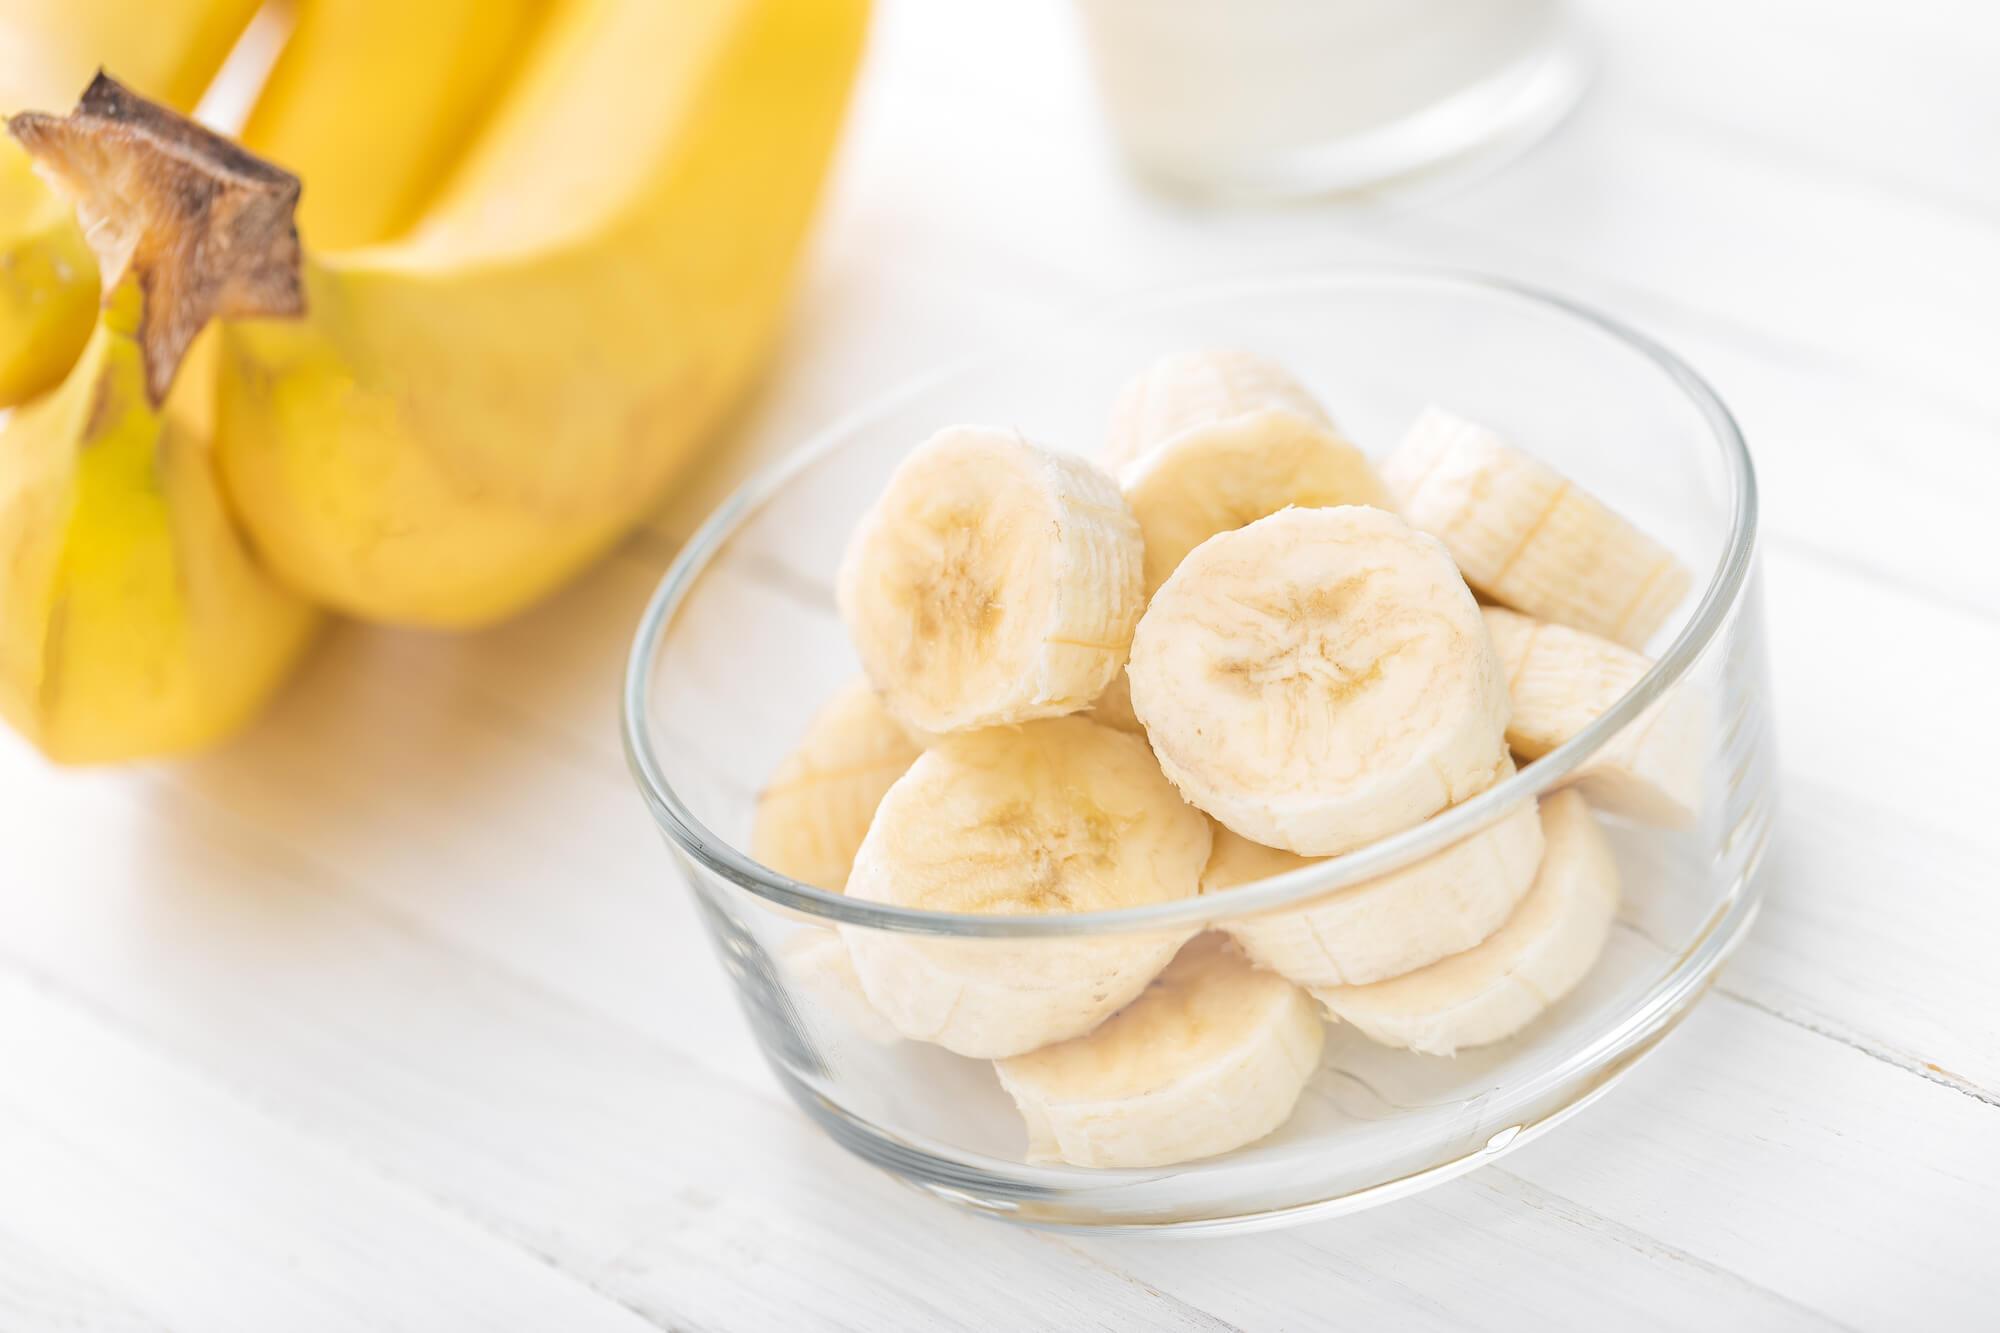 Banan-te-mod-søvnløshed